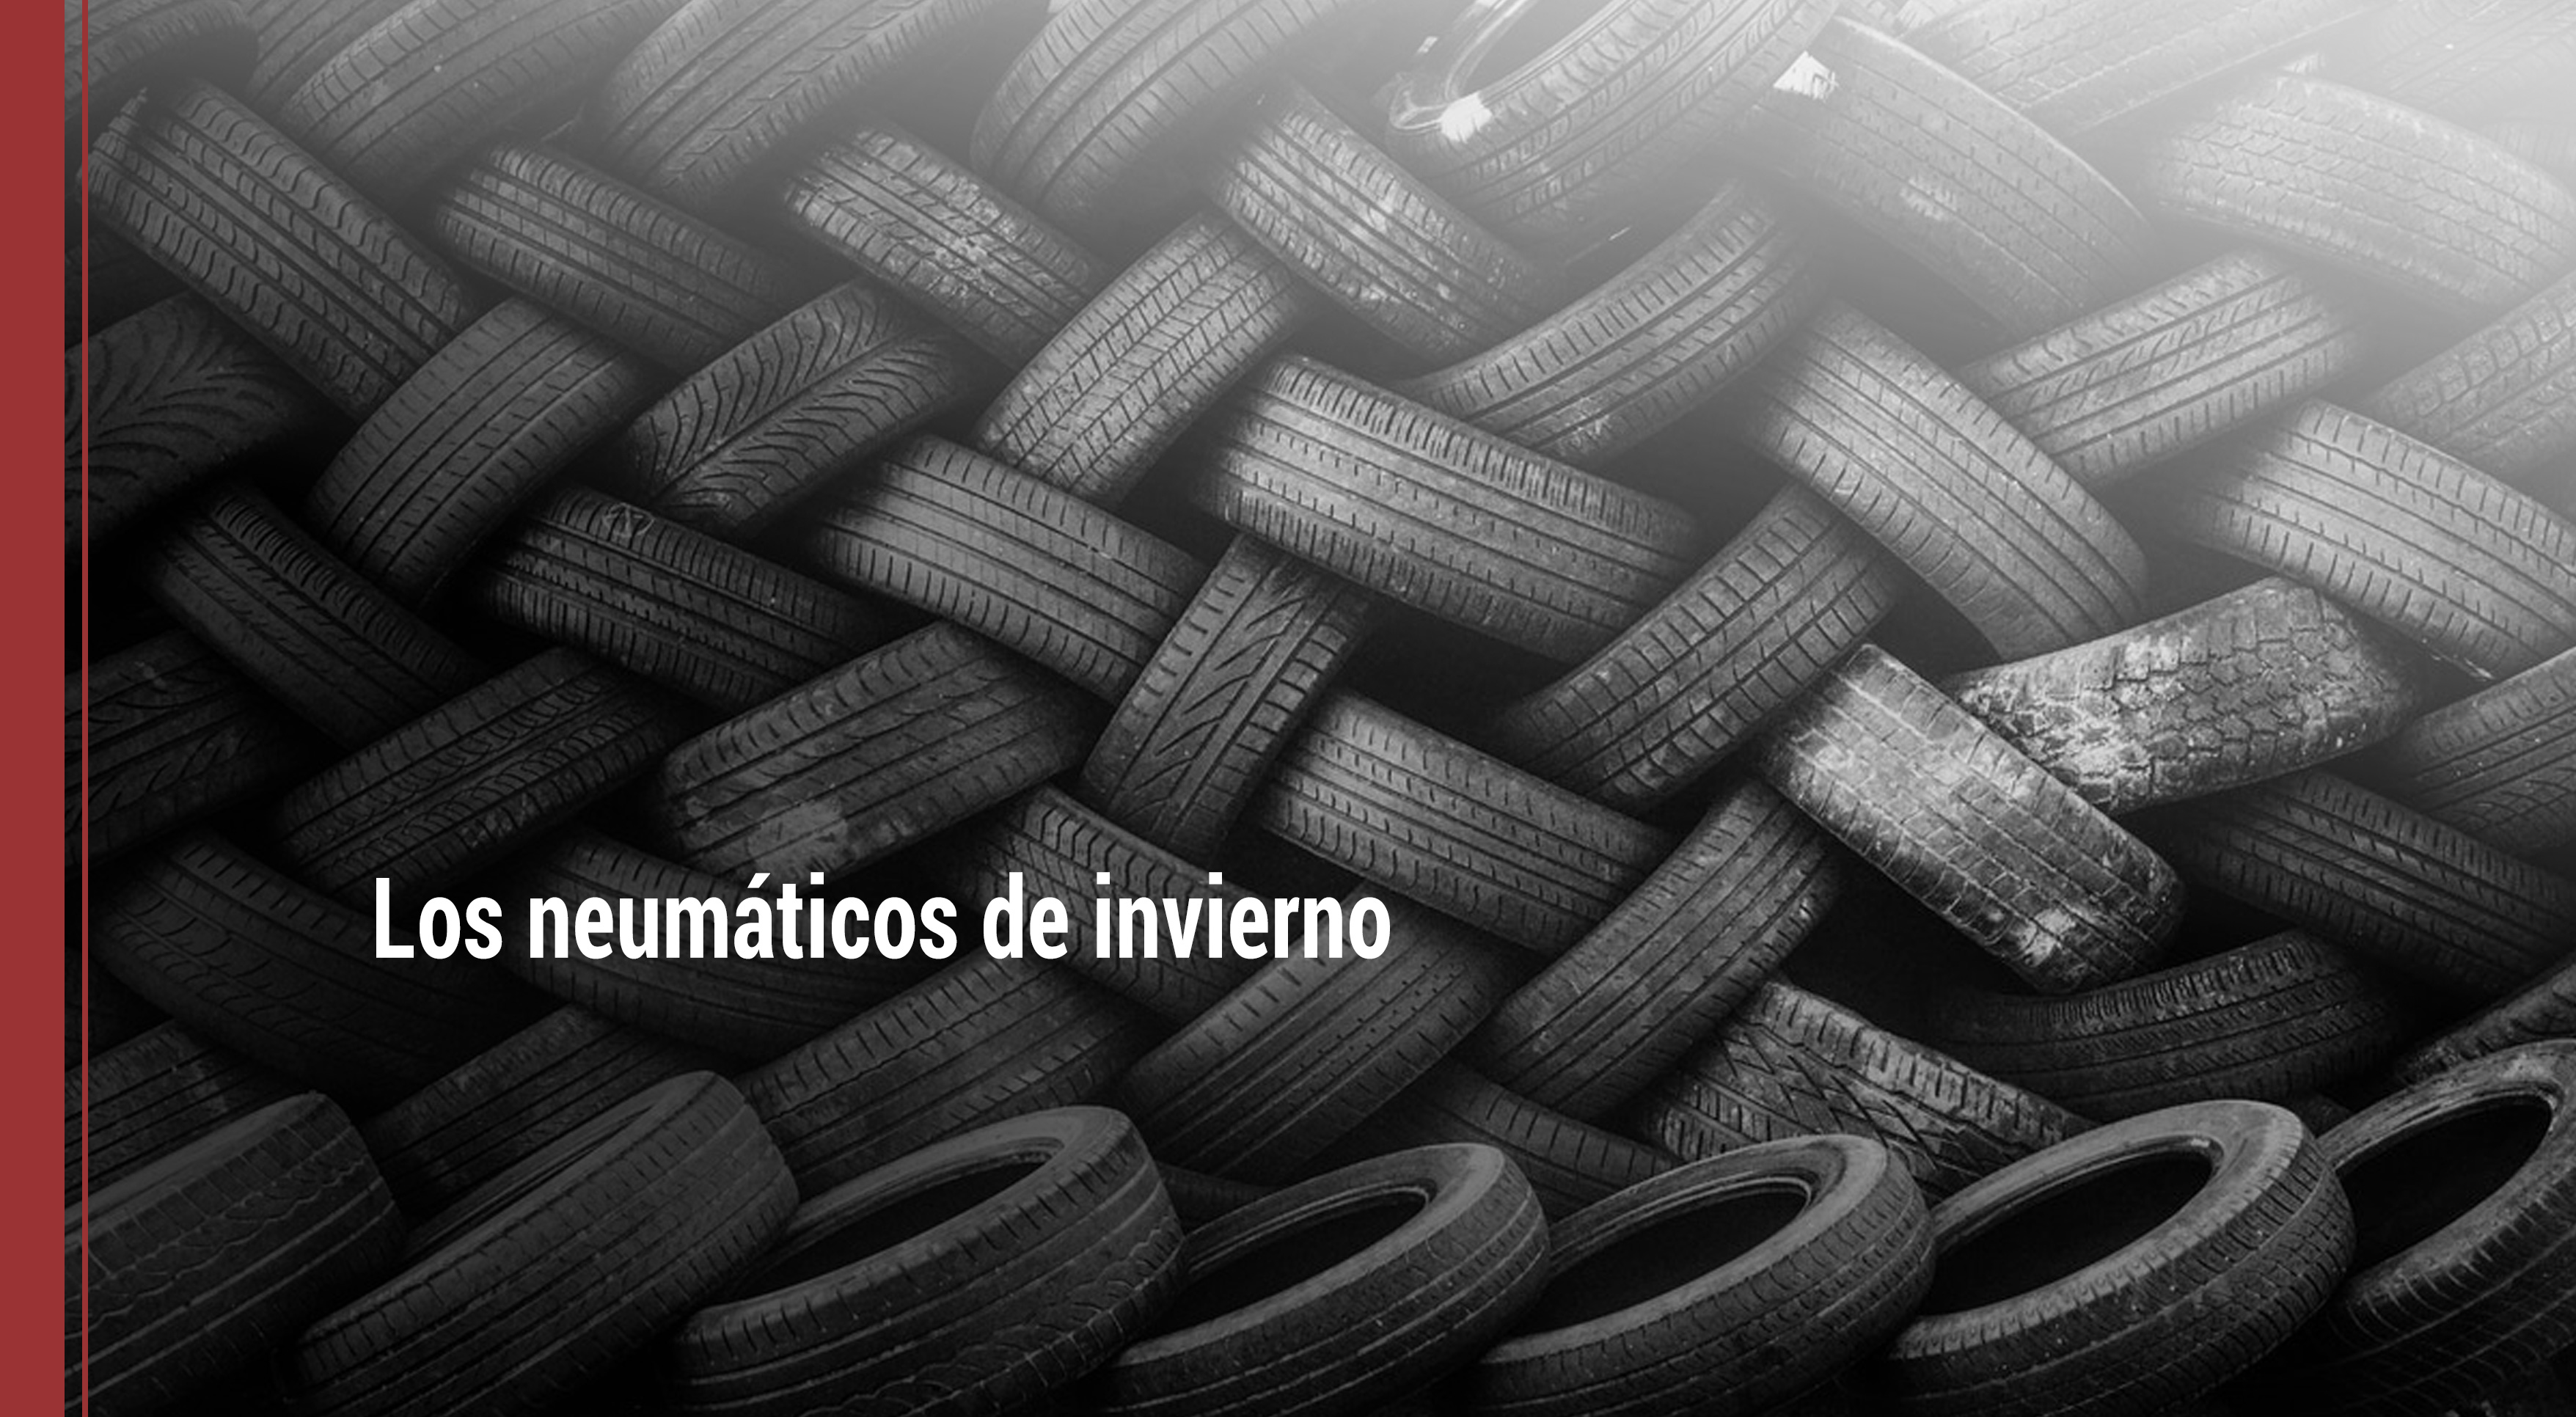 neumaticos-de-invierno Neumáticos de invierno: qué son y cuáles son sus ventajas